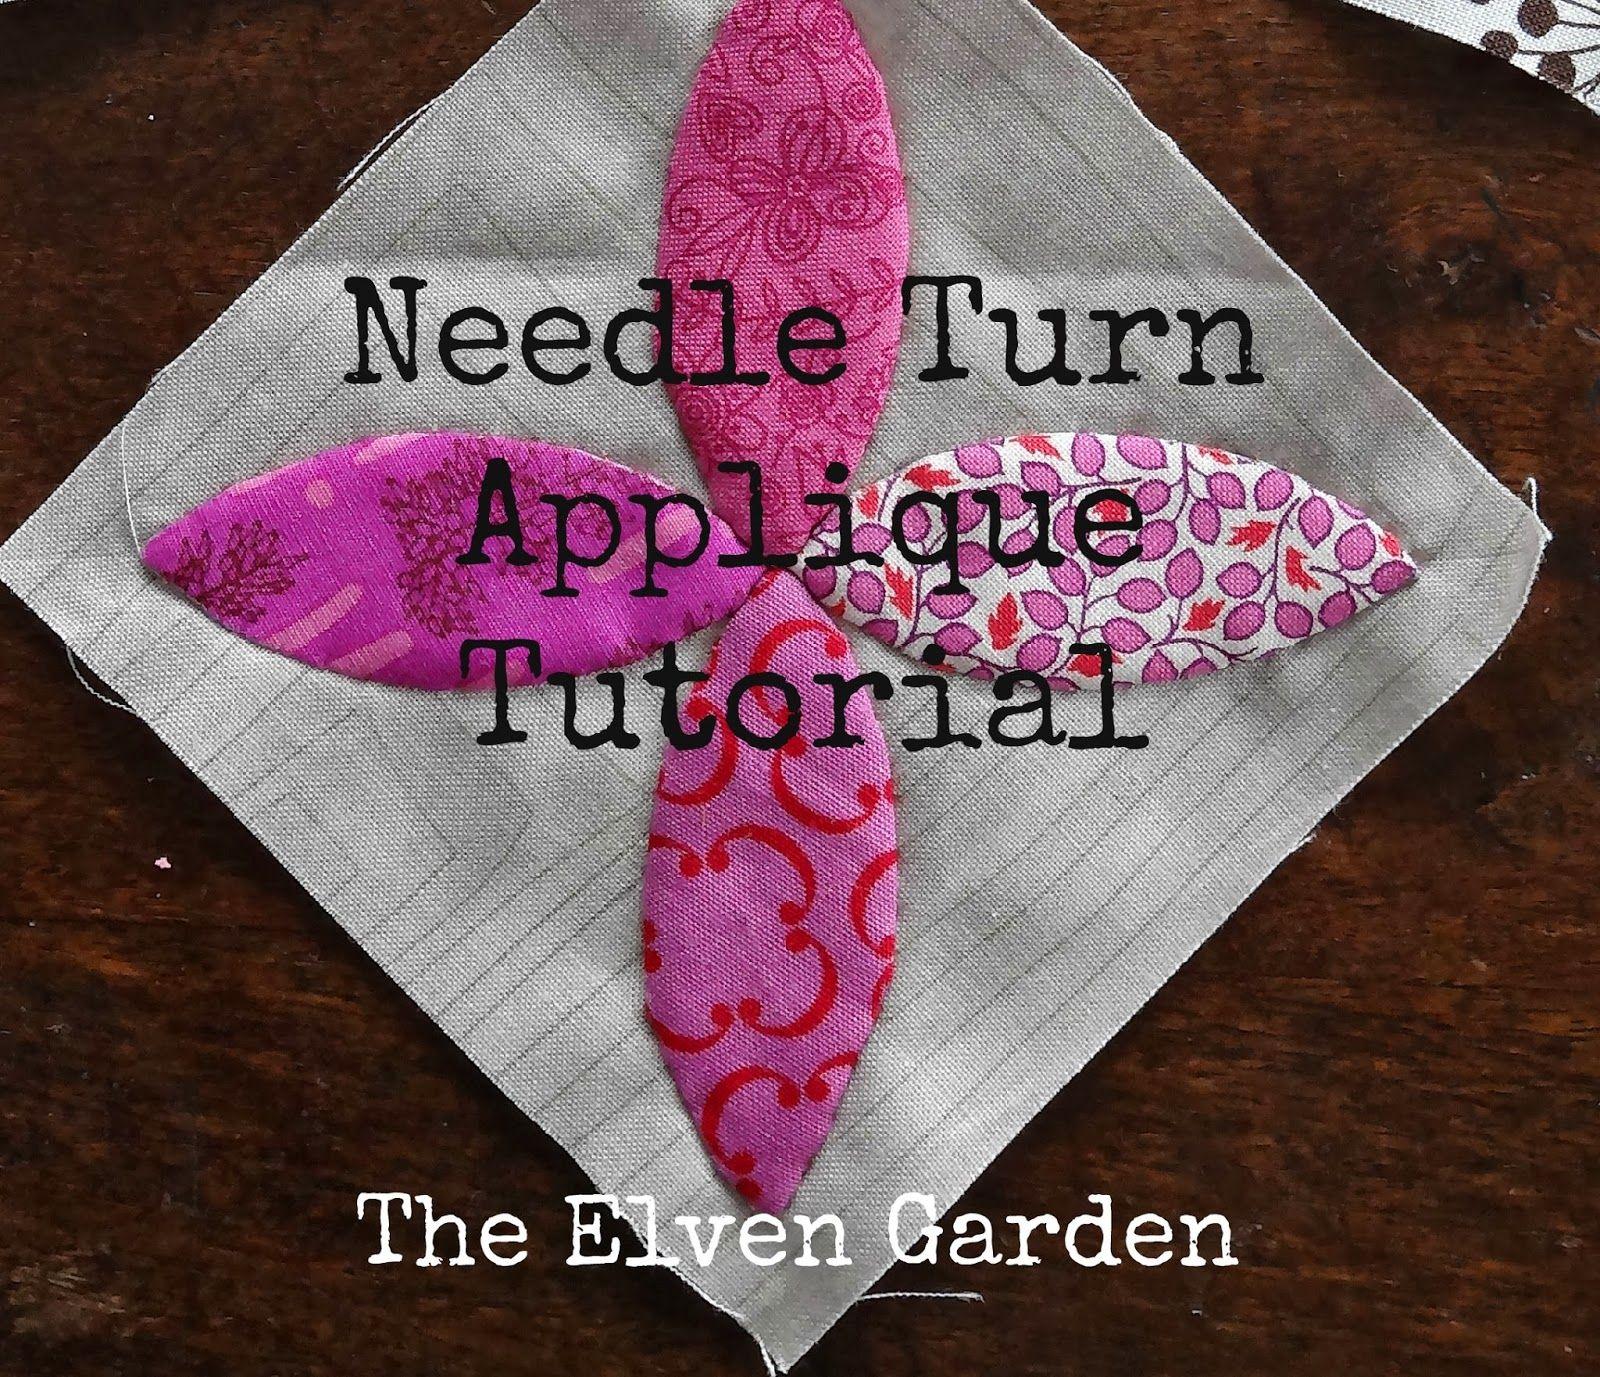 The Elven Garden: Needle Turn Applique {Tutorial}